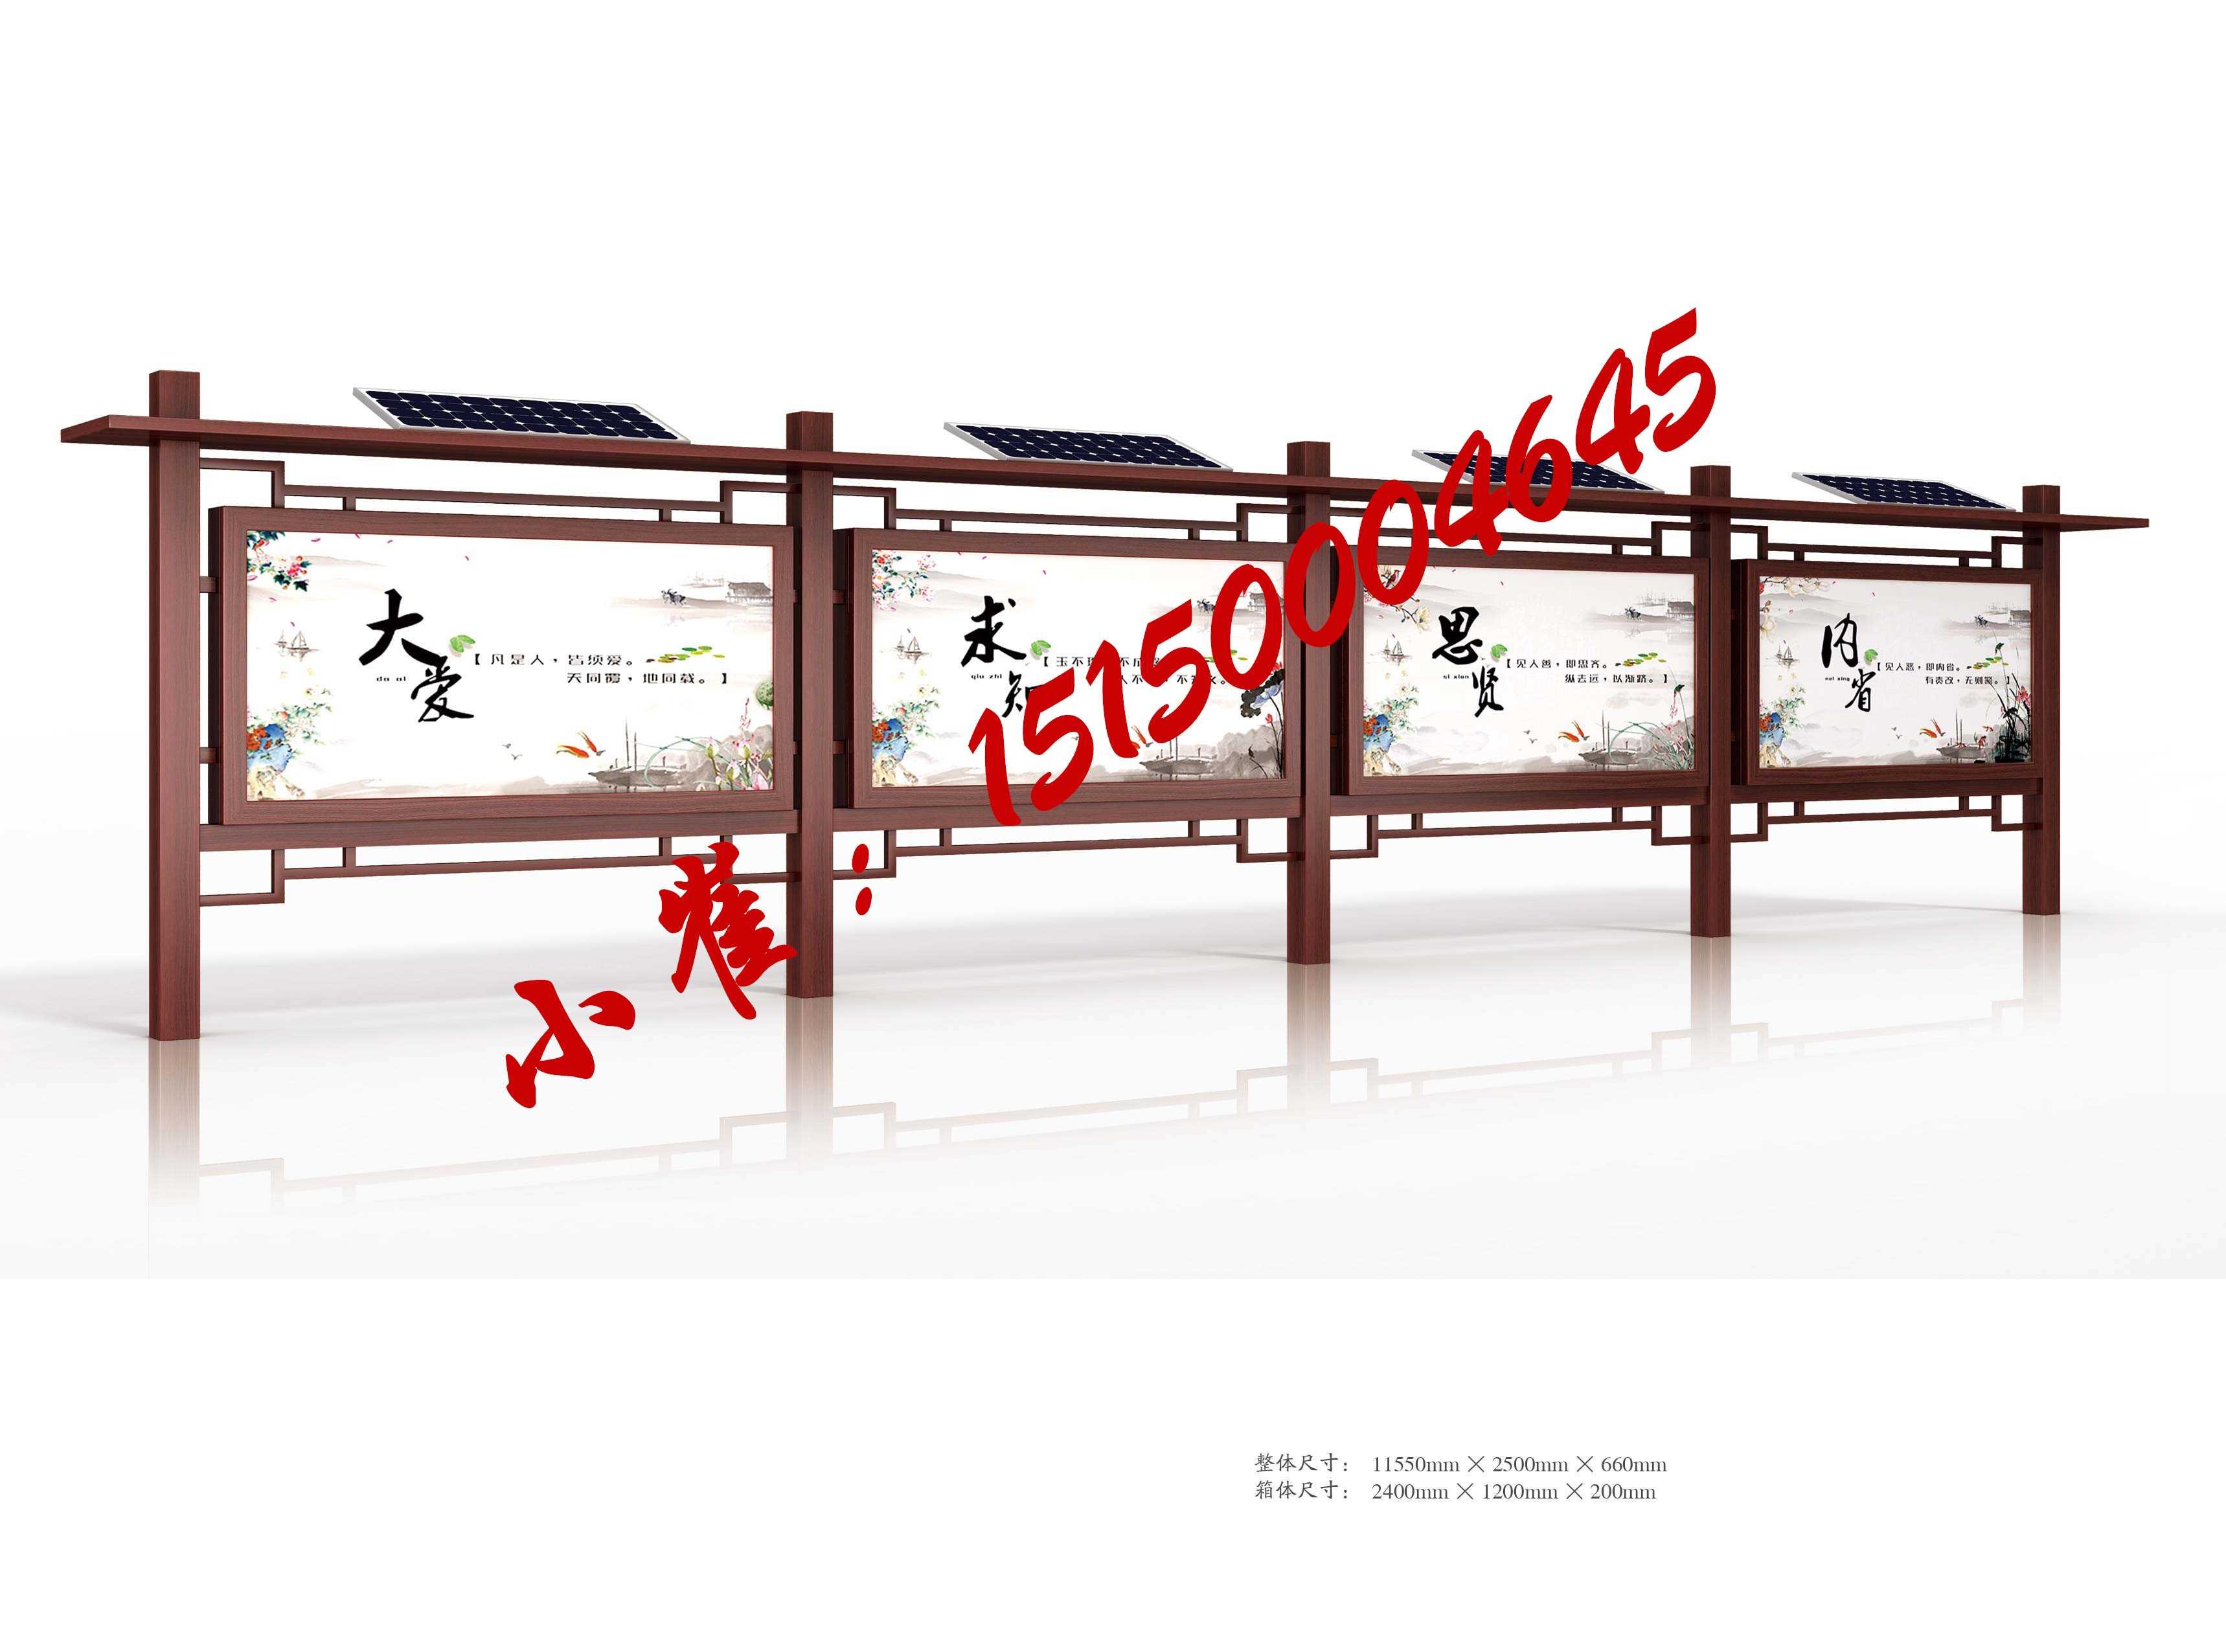 上海滚动系统宣传栏-上海市企业司法局宣传栏厂家,上海橱窗